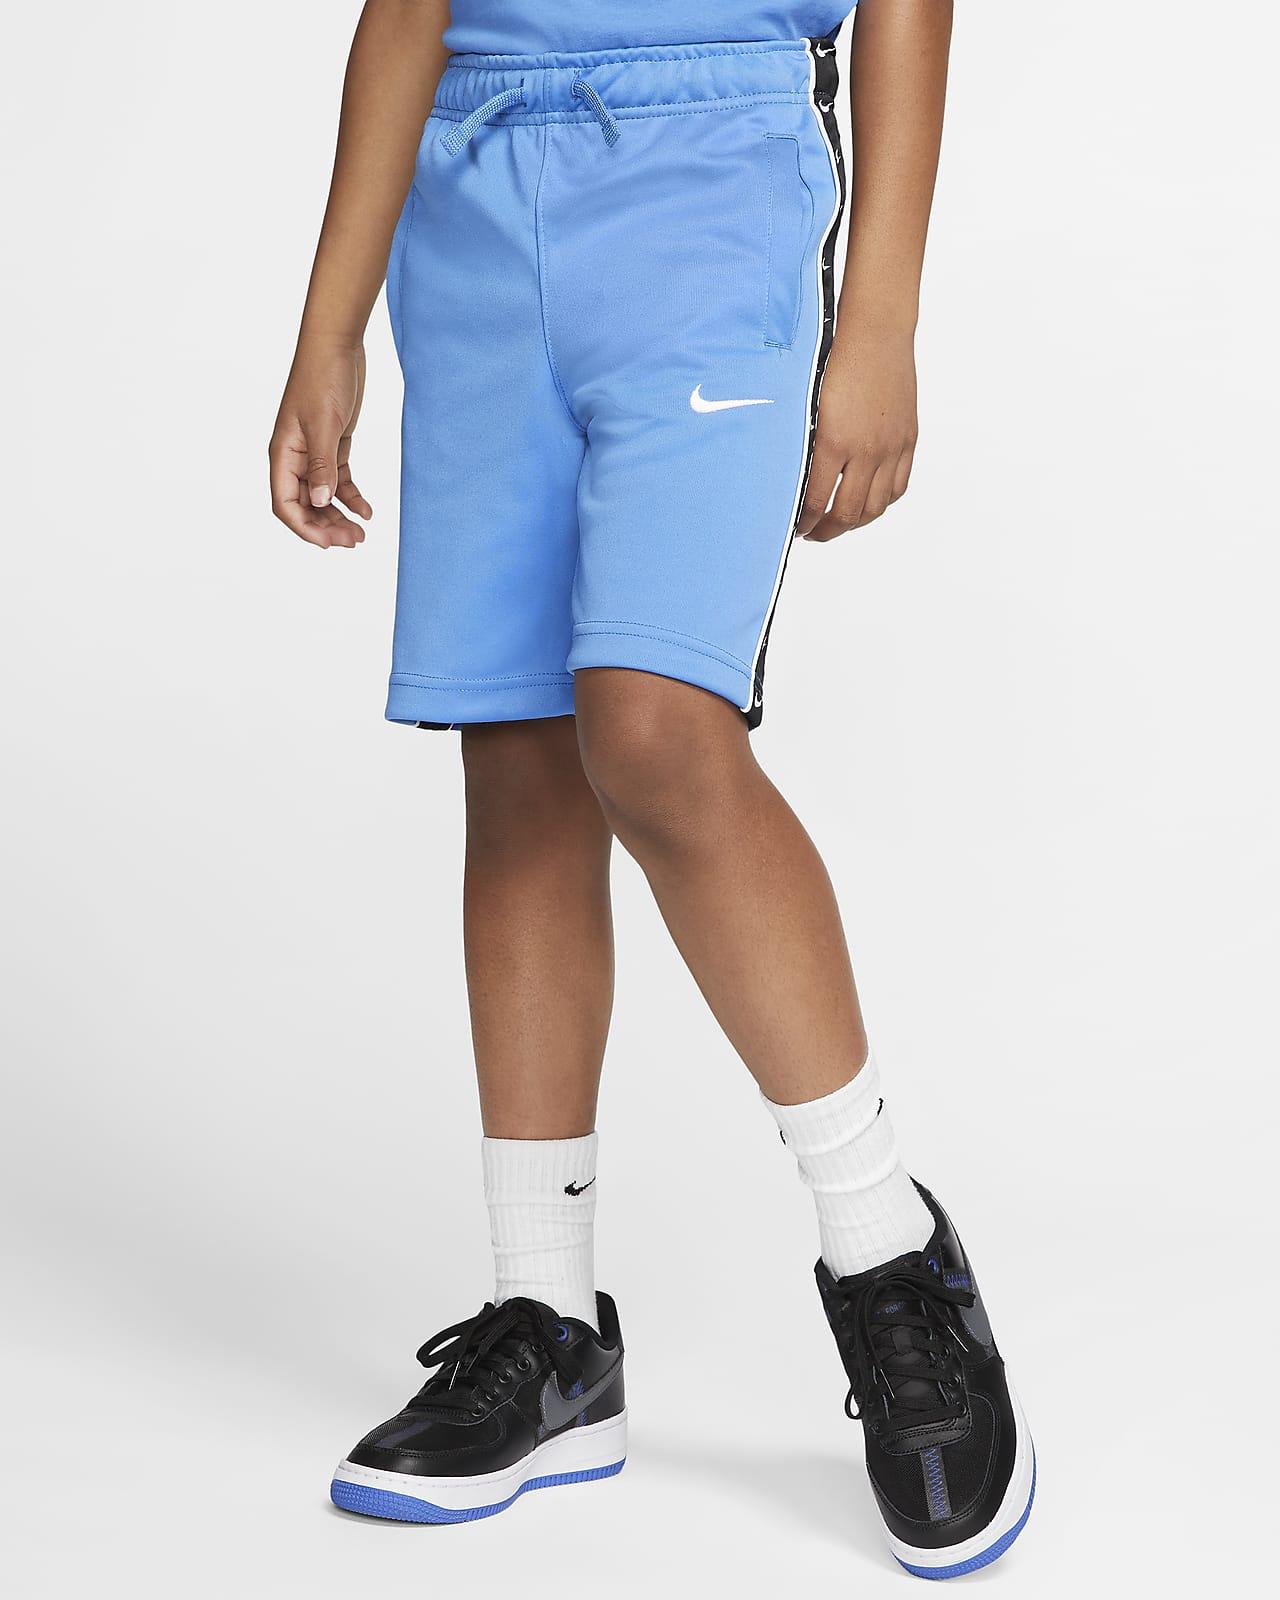 Nike Sportswear Older Kids' (Boys') Shorts